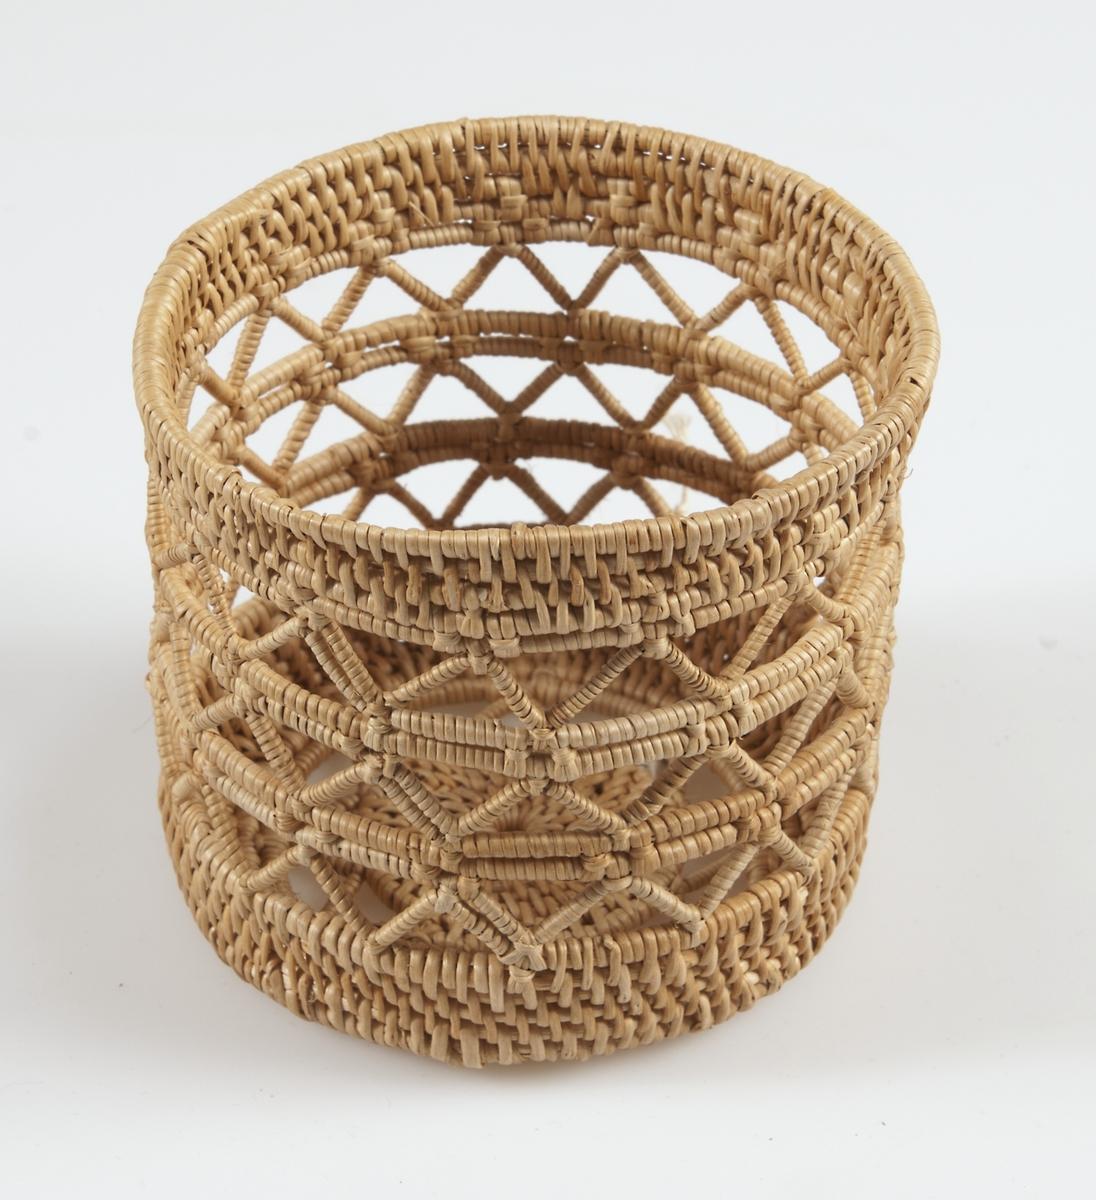 Korg av bundna björkrötter, cylinderform, genombrutet zig-zagmönster runt mitten och i botten. Tillverkad av Gertrud Nilsson.